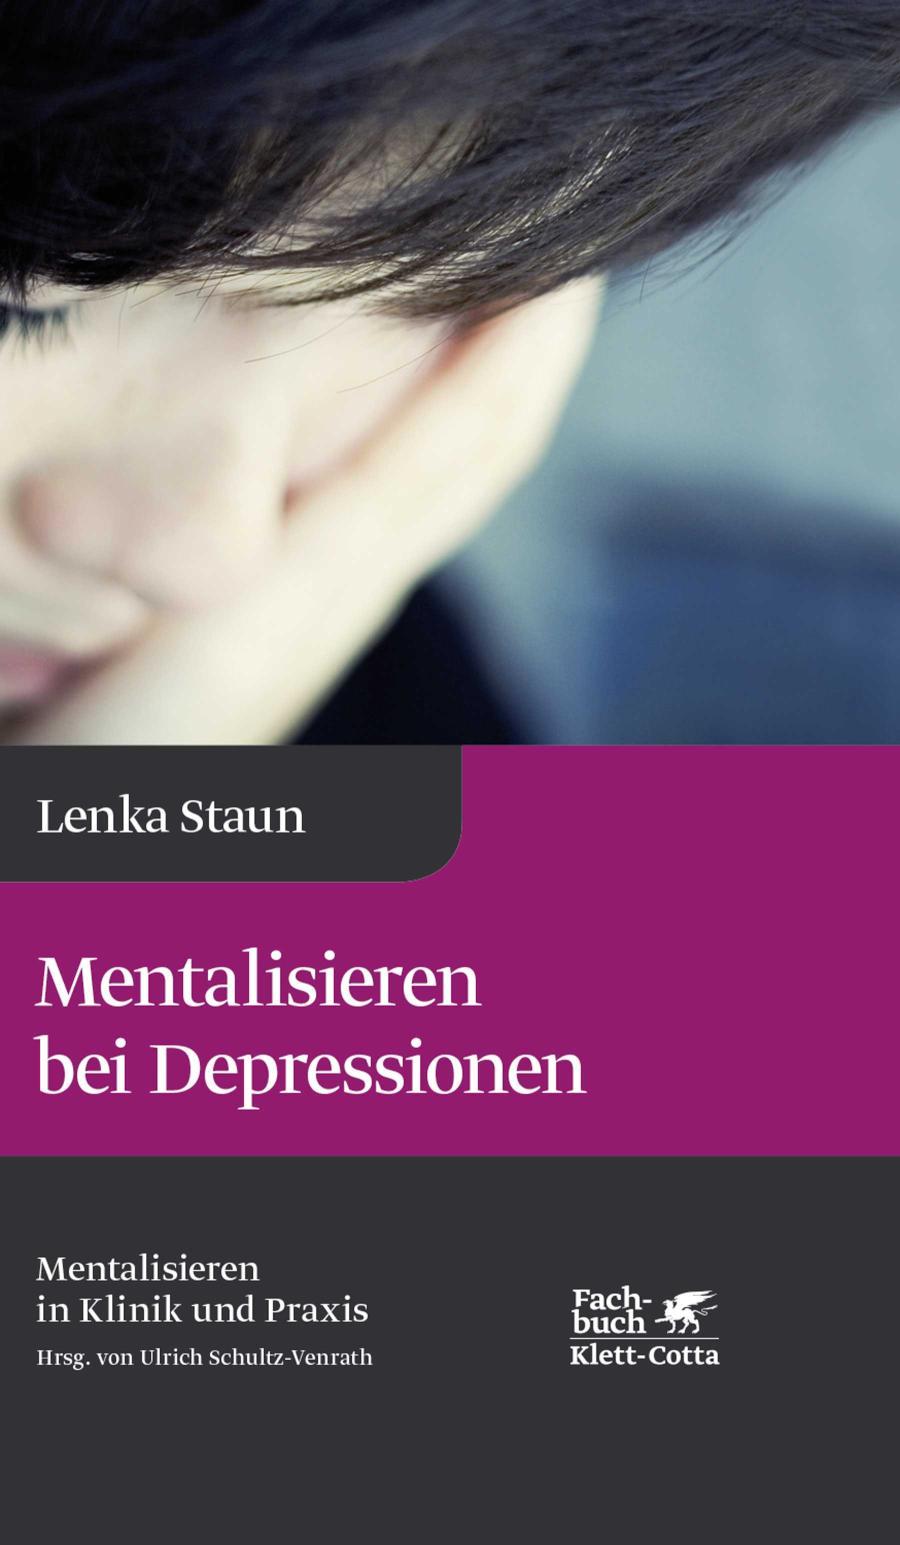 Mentalisieren bei Depressionen Reihe Mentalisieren in Klinik und Praxis